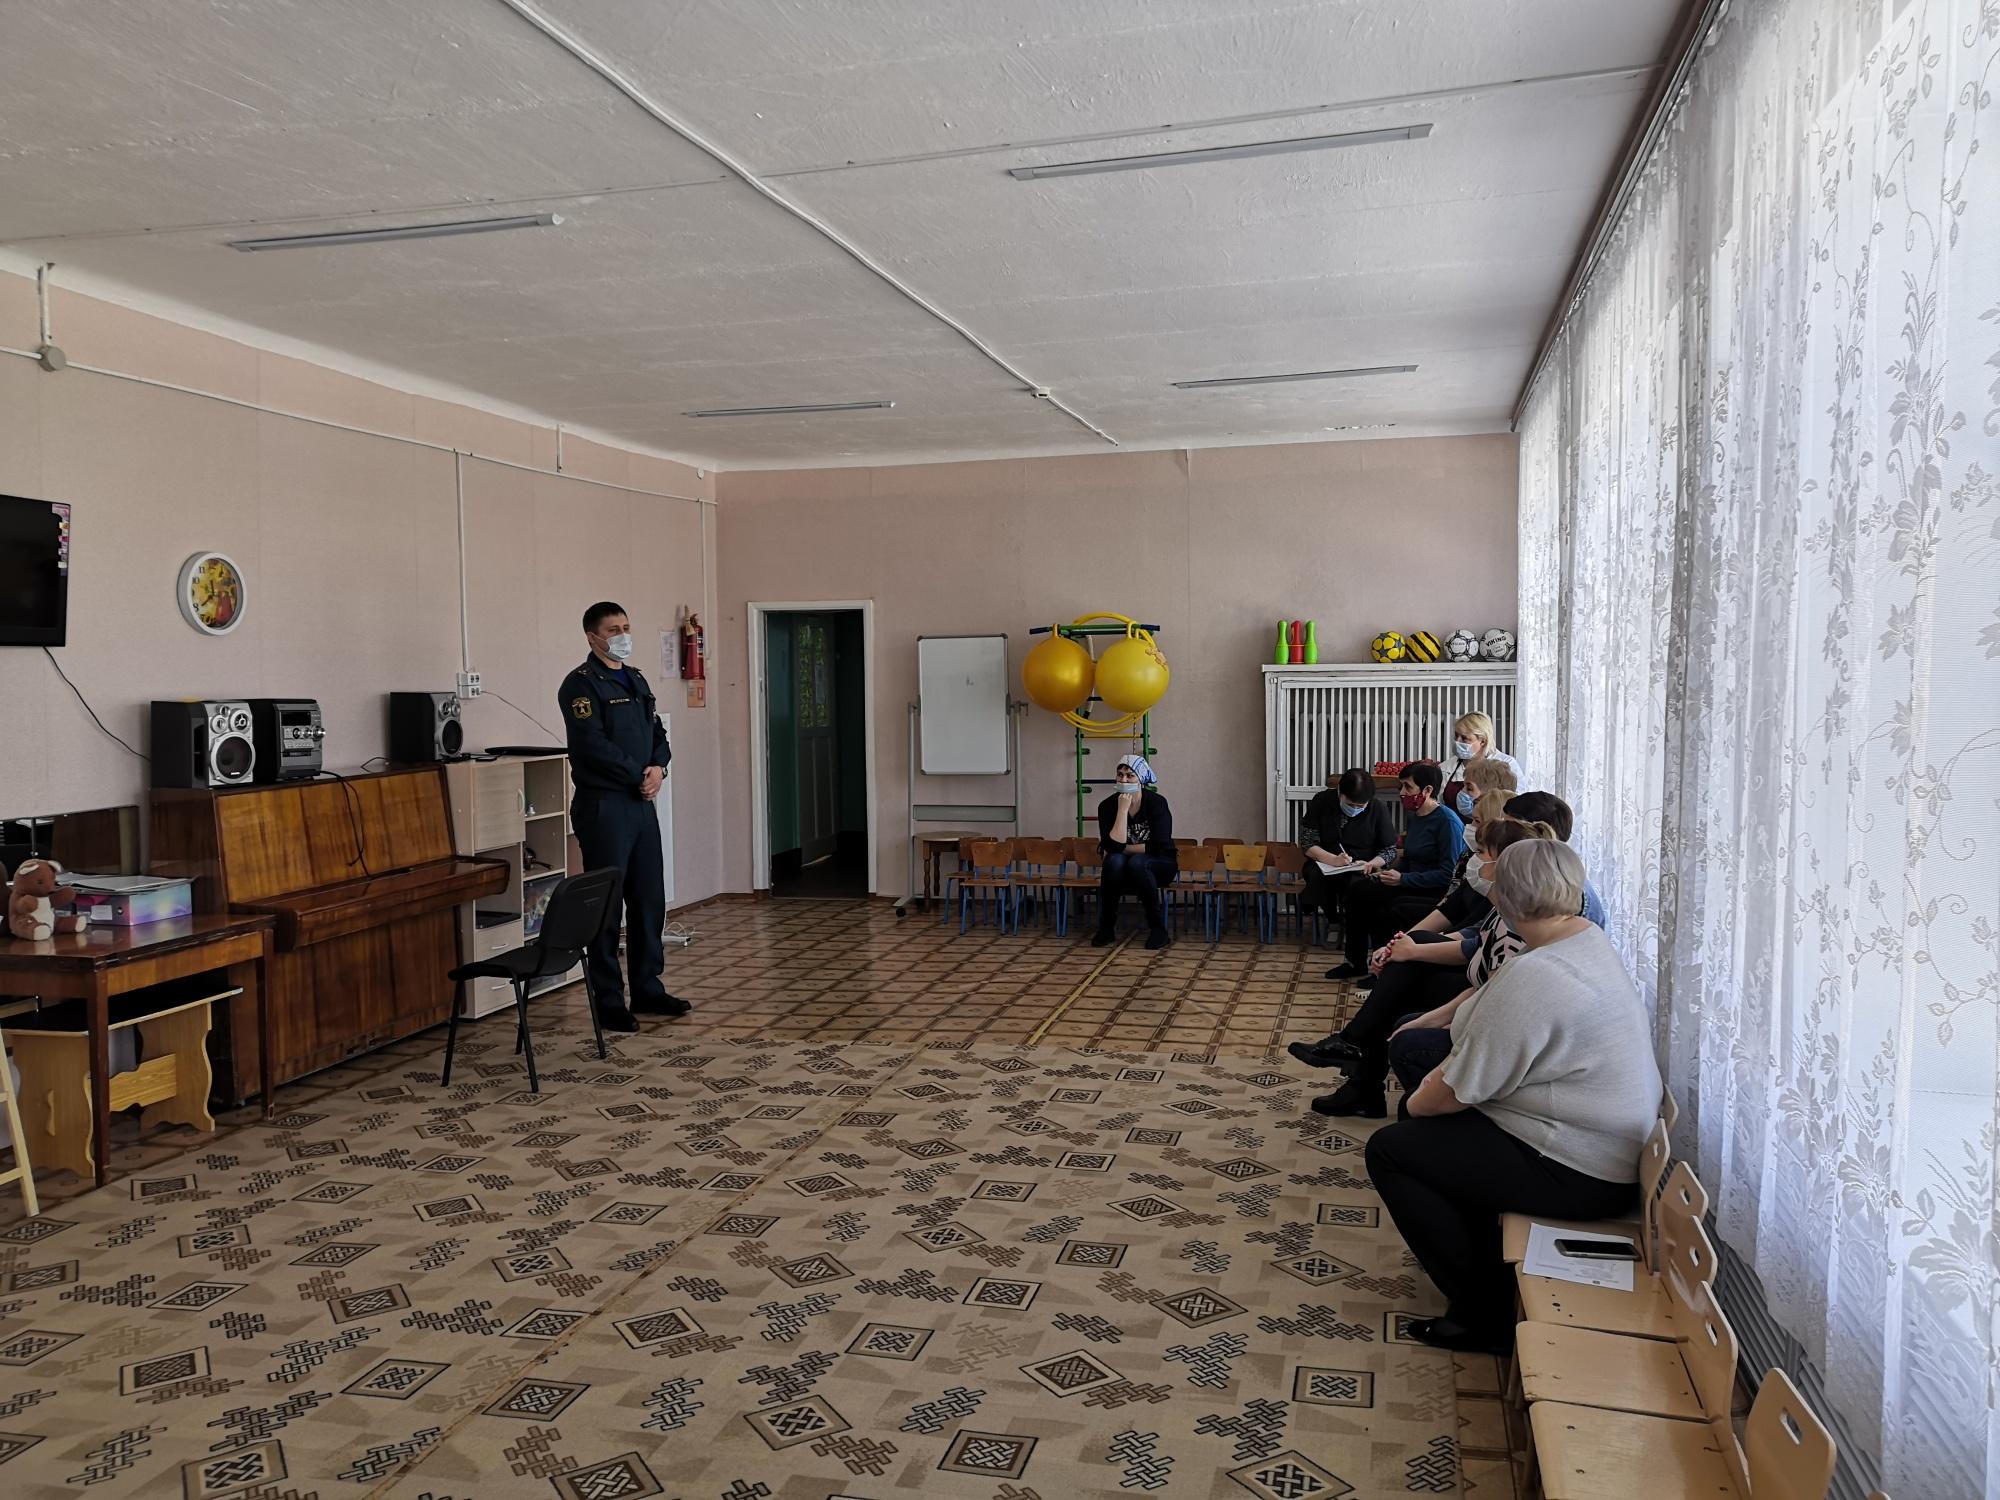 Противопожарный инструктаж с работниками дошкольных образовательных учреждений